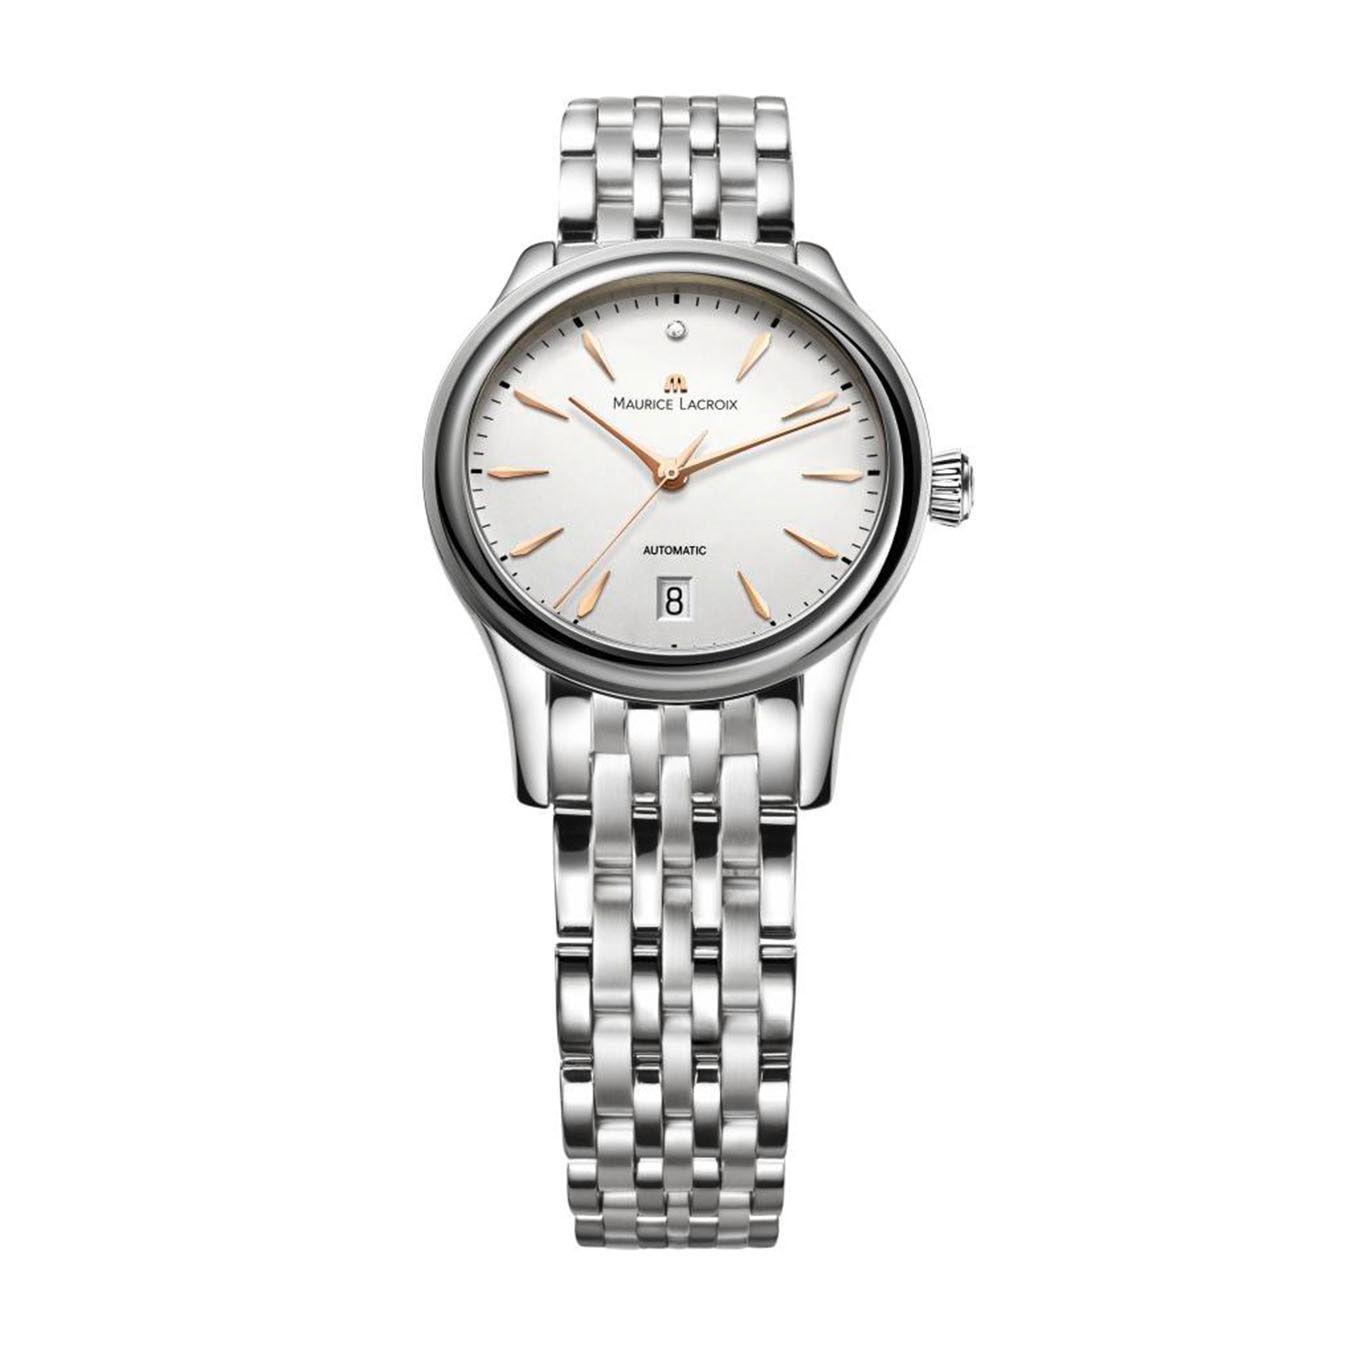 Sélection de montres swiss made en promotion - Ex: Montre Femme Automatique Maurice Lacroix